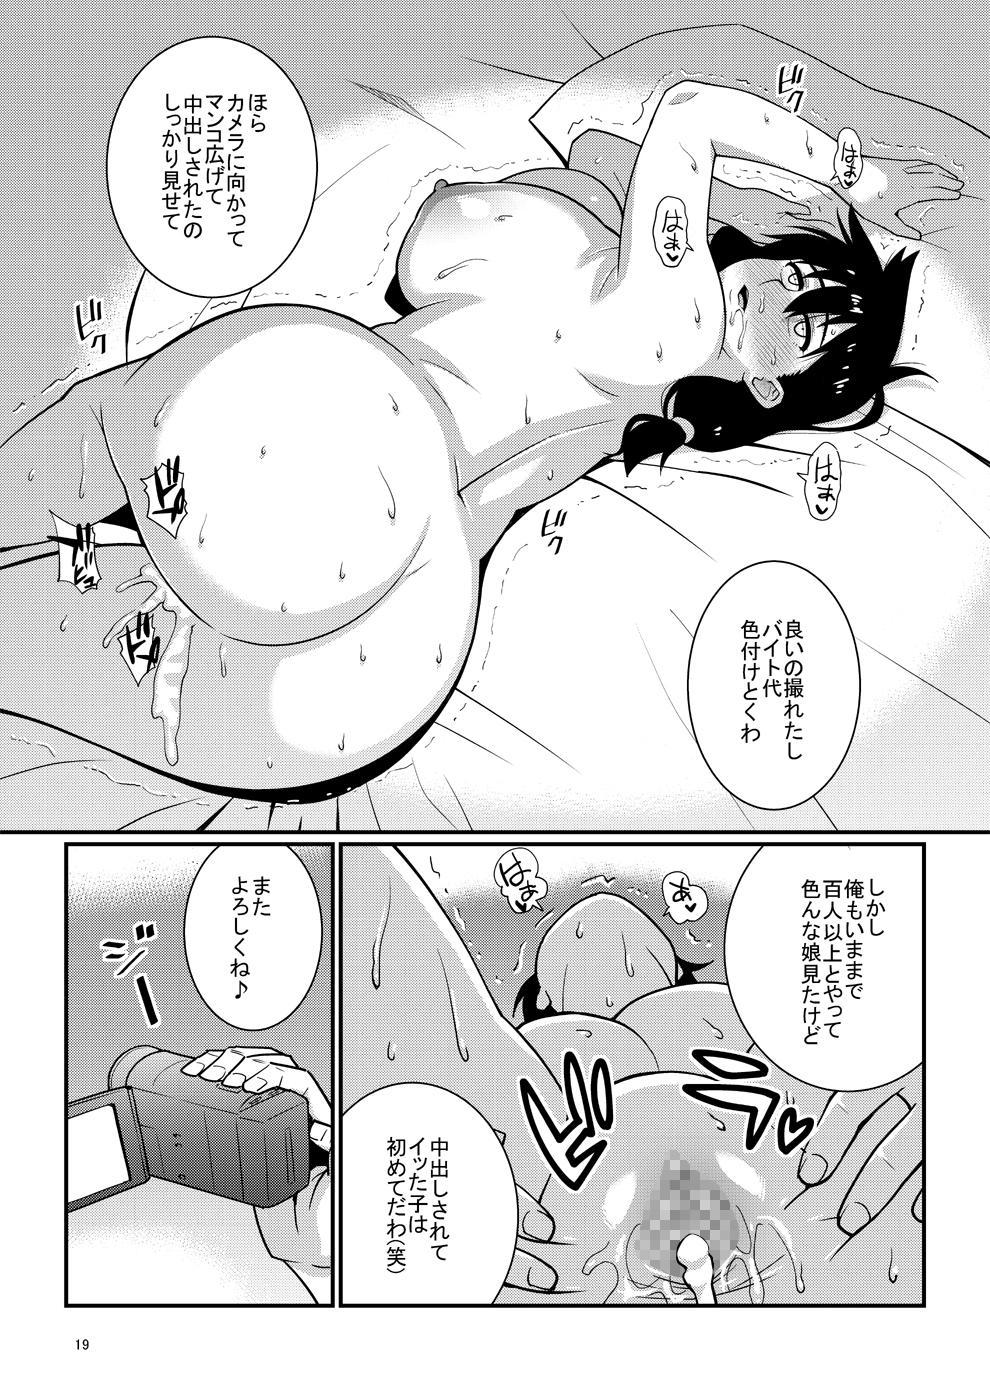 Sukidarake JK no Natsuyasumi Enkou Debut! 17